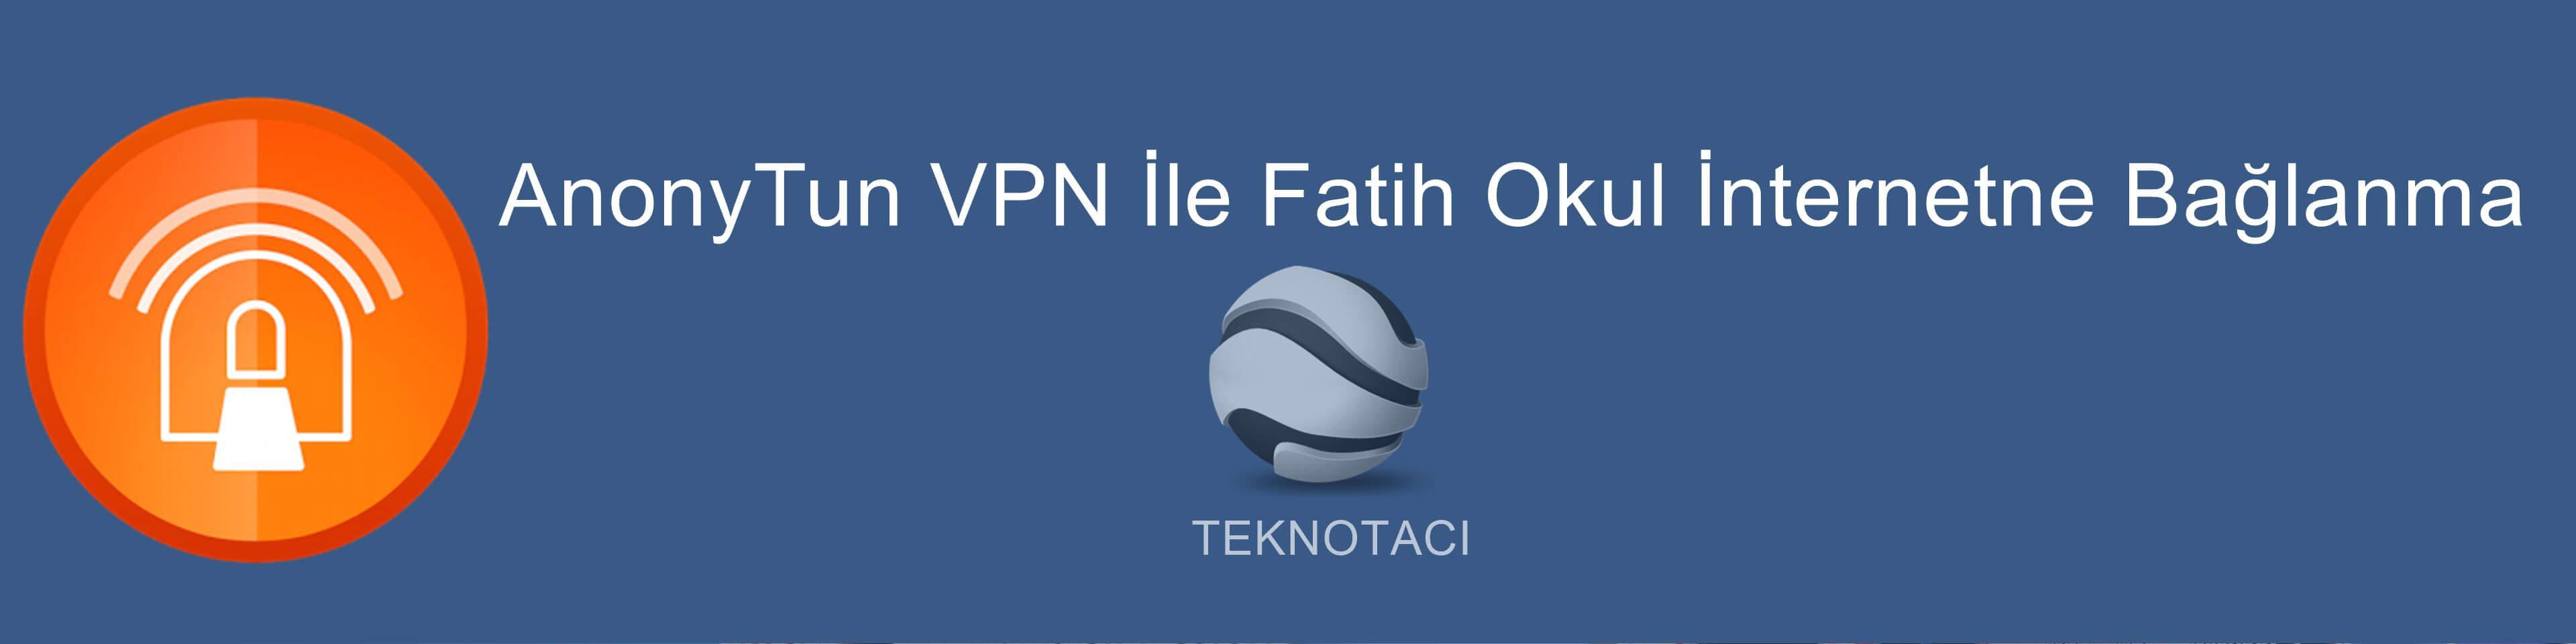 Fatih Okul İnterneti AnonyTun VPN Ayarları